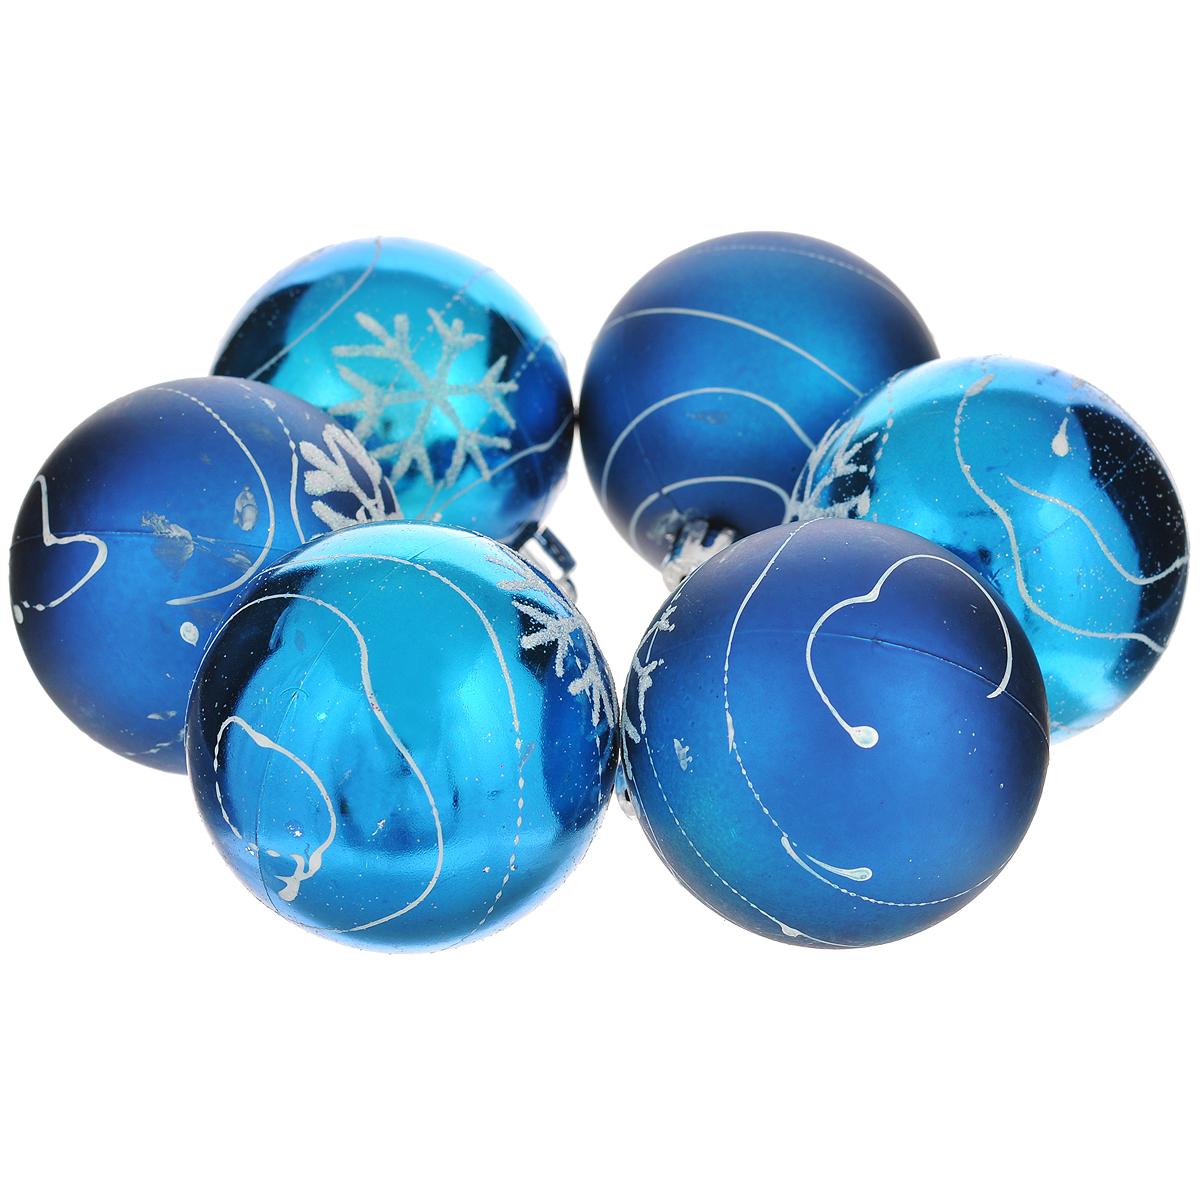 Набор новогодних подвесных украшений Шар, цвет: синий, диаметр 6 см, 6 шт. 3552835528Набор новогодних подвесных украшений Шар прекрасно подойдет для праздничного декора новогодней ели. Состоит из шести шаров. Елочная игрушка - символ Нового года. Она несет в себе волшебство и красоту праздника. Создайте в своем доме атмосферу веселья и радости, украшая новогоднюю елку нарядными игрушками, которые будут из года в год накапливать теплоту воспоминаний. Коллекция декоративных украшений принесет в ваш дом ни с чем несравнимое ощущение волшебства! Откройте для себя удивительный мир сказок и грез. Почувствуйте волшебные минуты ожидания праздника, создайте новогоднее настроение вашим дорогим и близким.